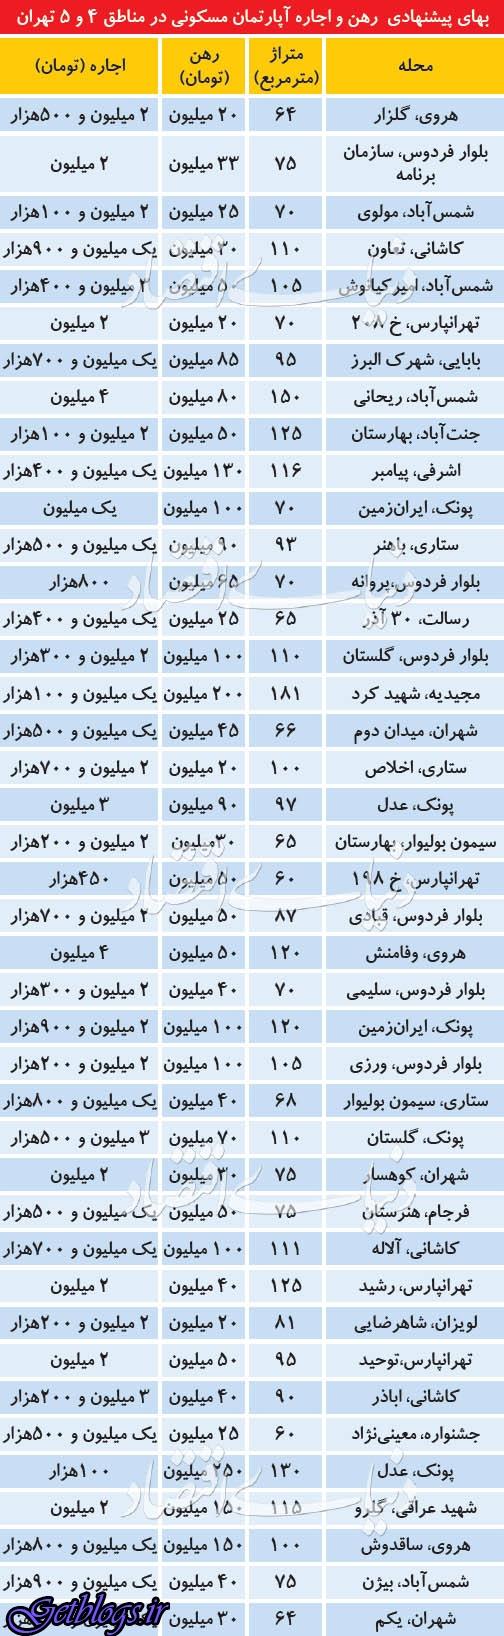 تعدیل رهن و اجاره در مناطق مصرفی پایتخت کشور عزیزمان ایران